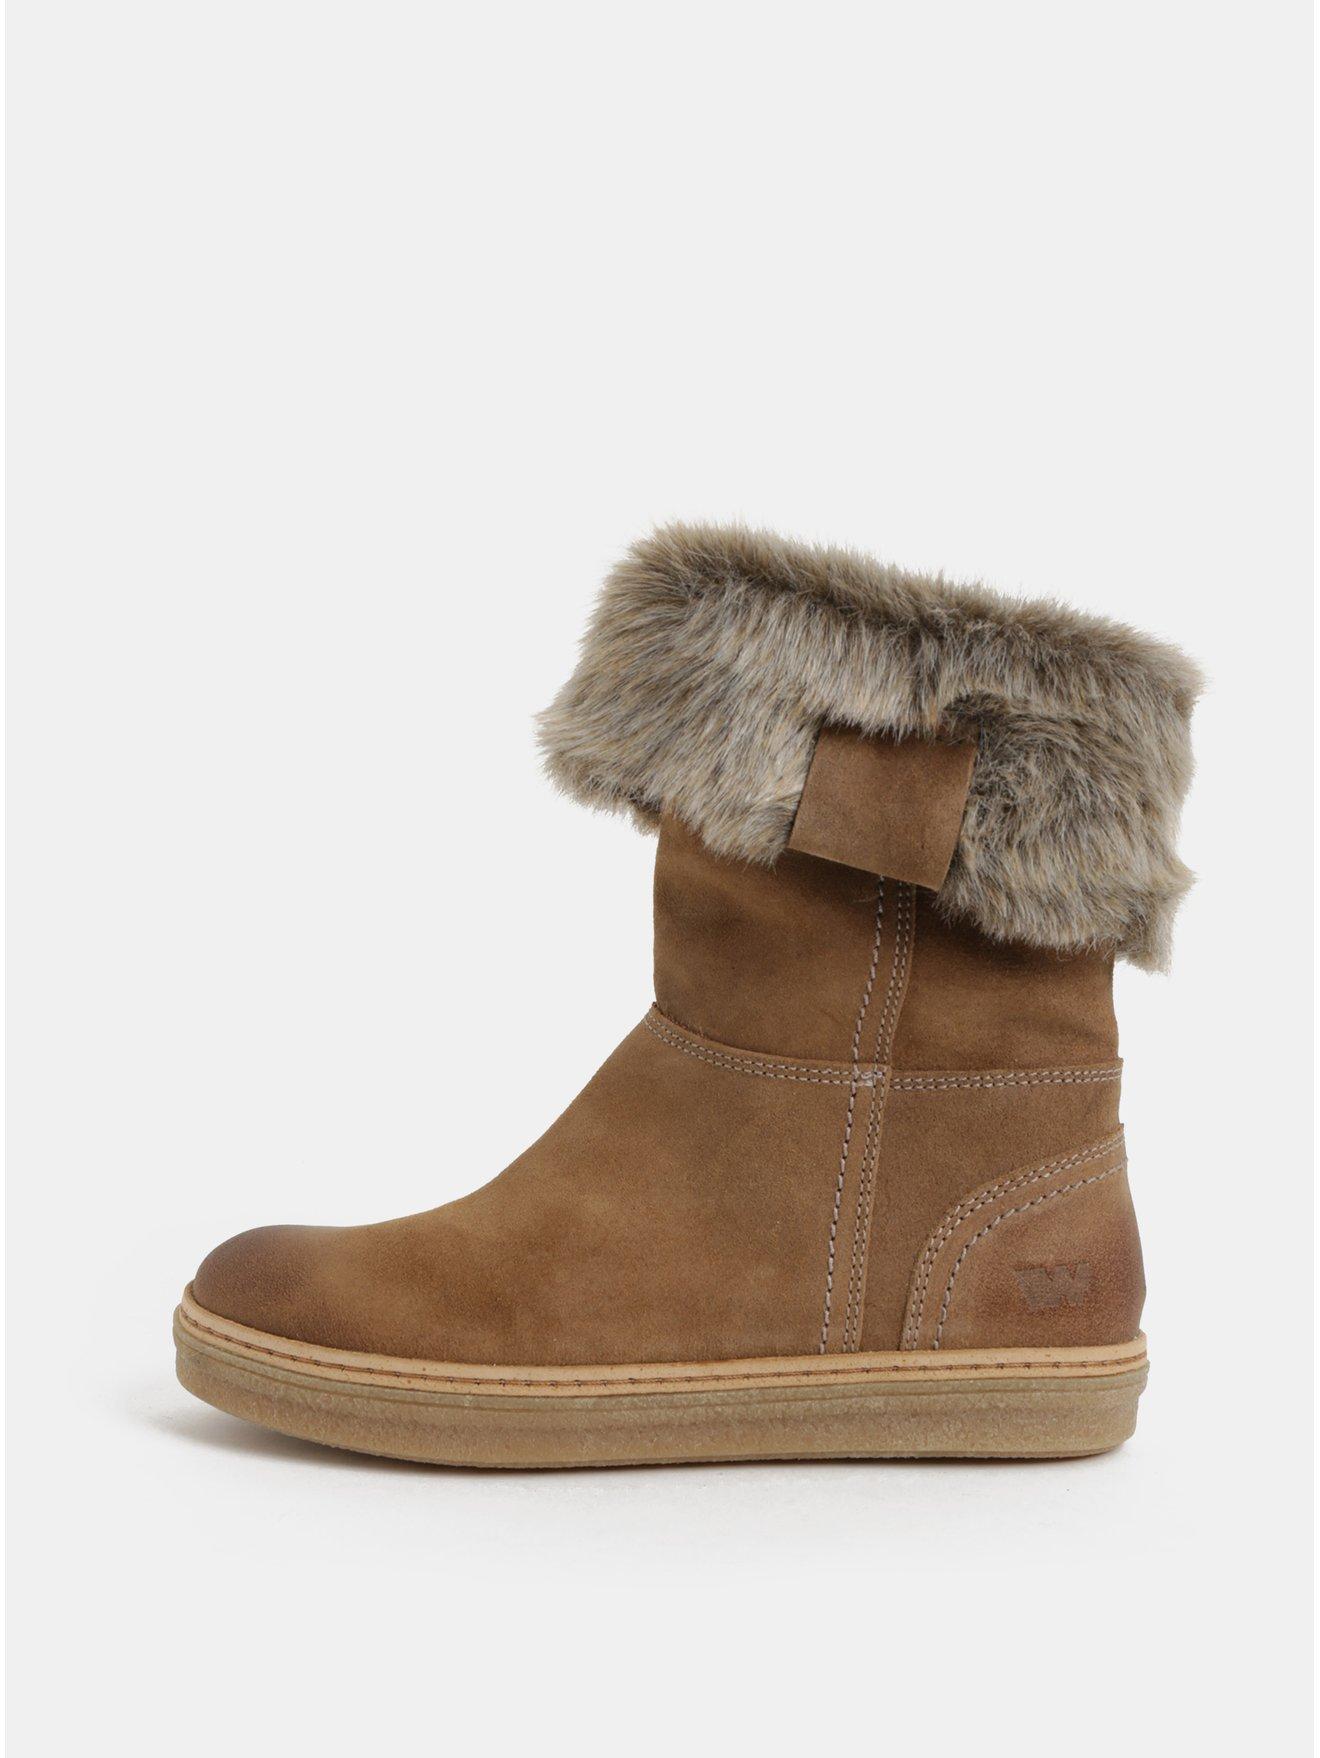 Světle hnědé dámské semišové kotníkové zimní boty s umělým kožíškem Weinbrenner